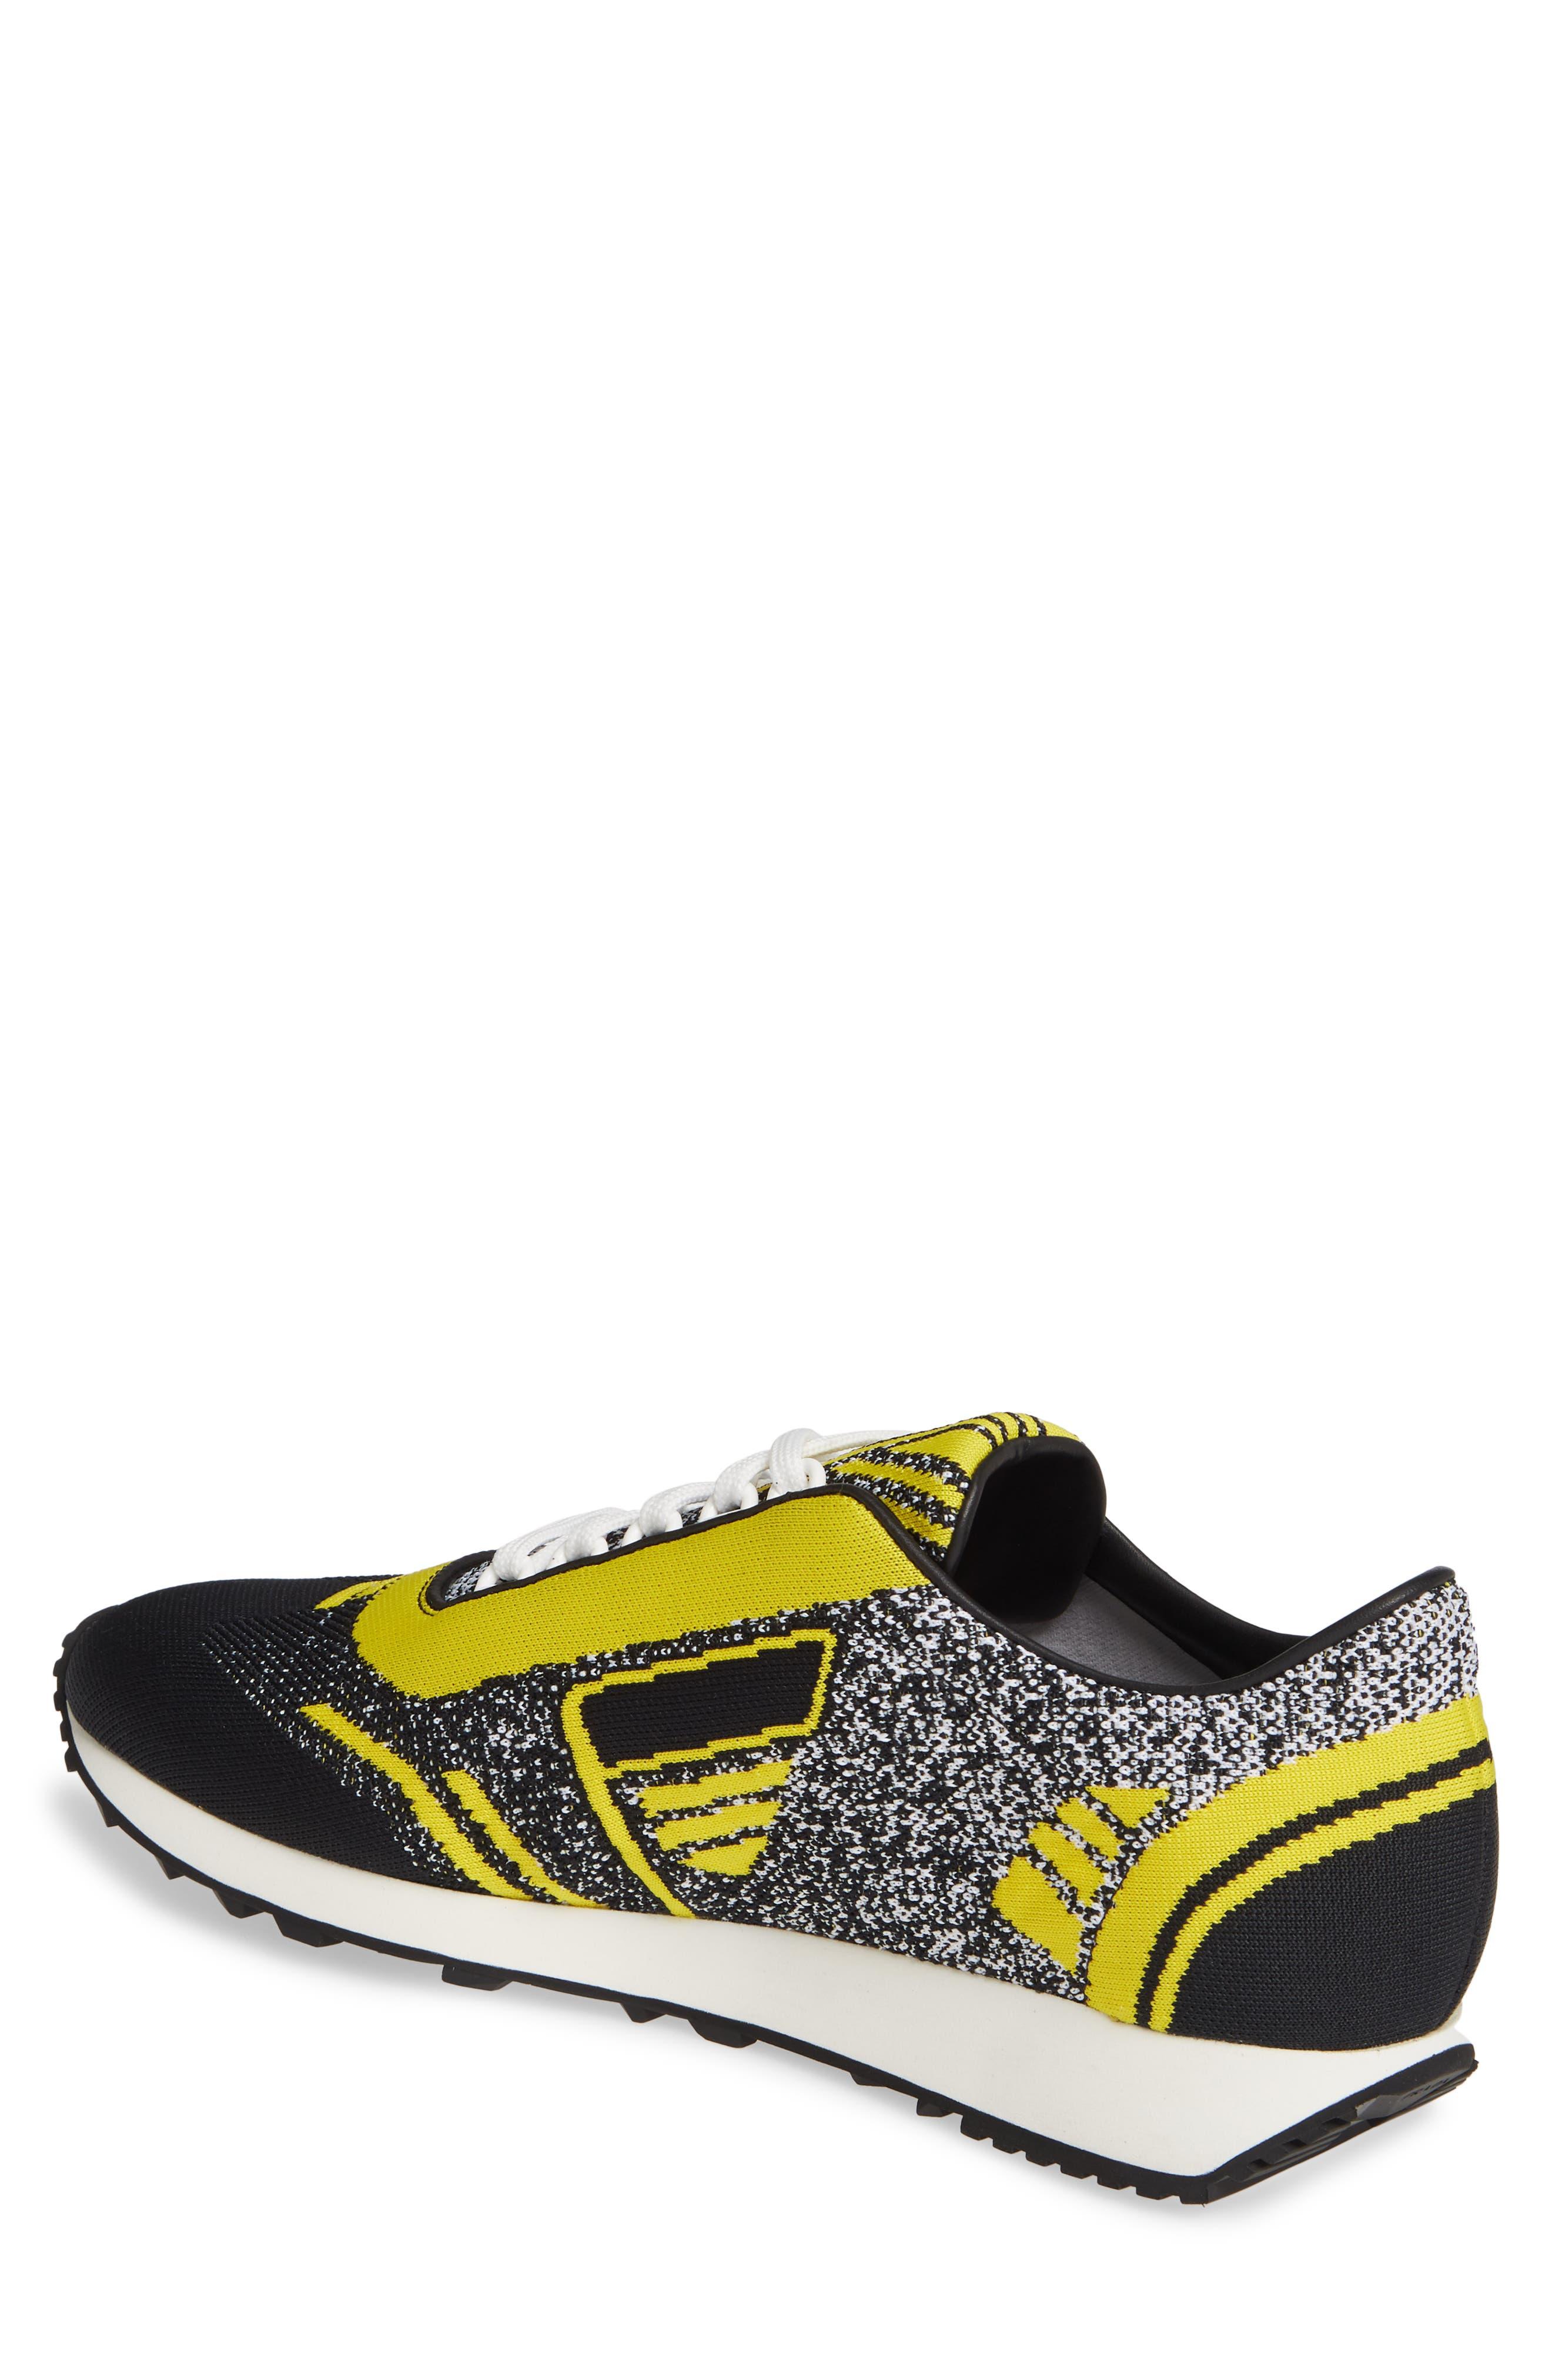 Retro Trainer Sneaker,                             Alternate thumbnail 2, color,                             NERO GIALLO